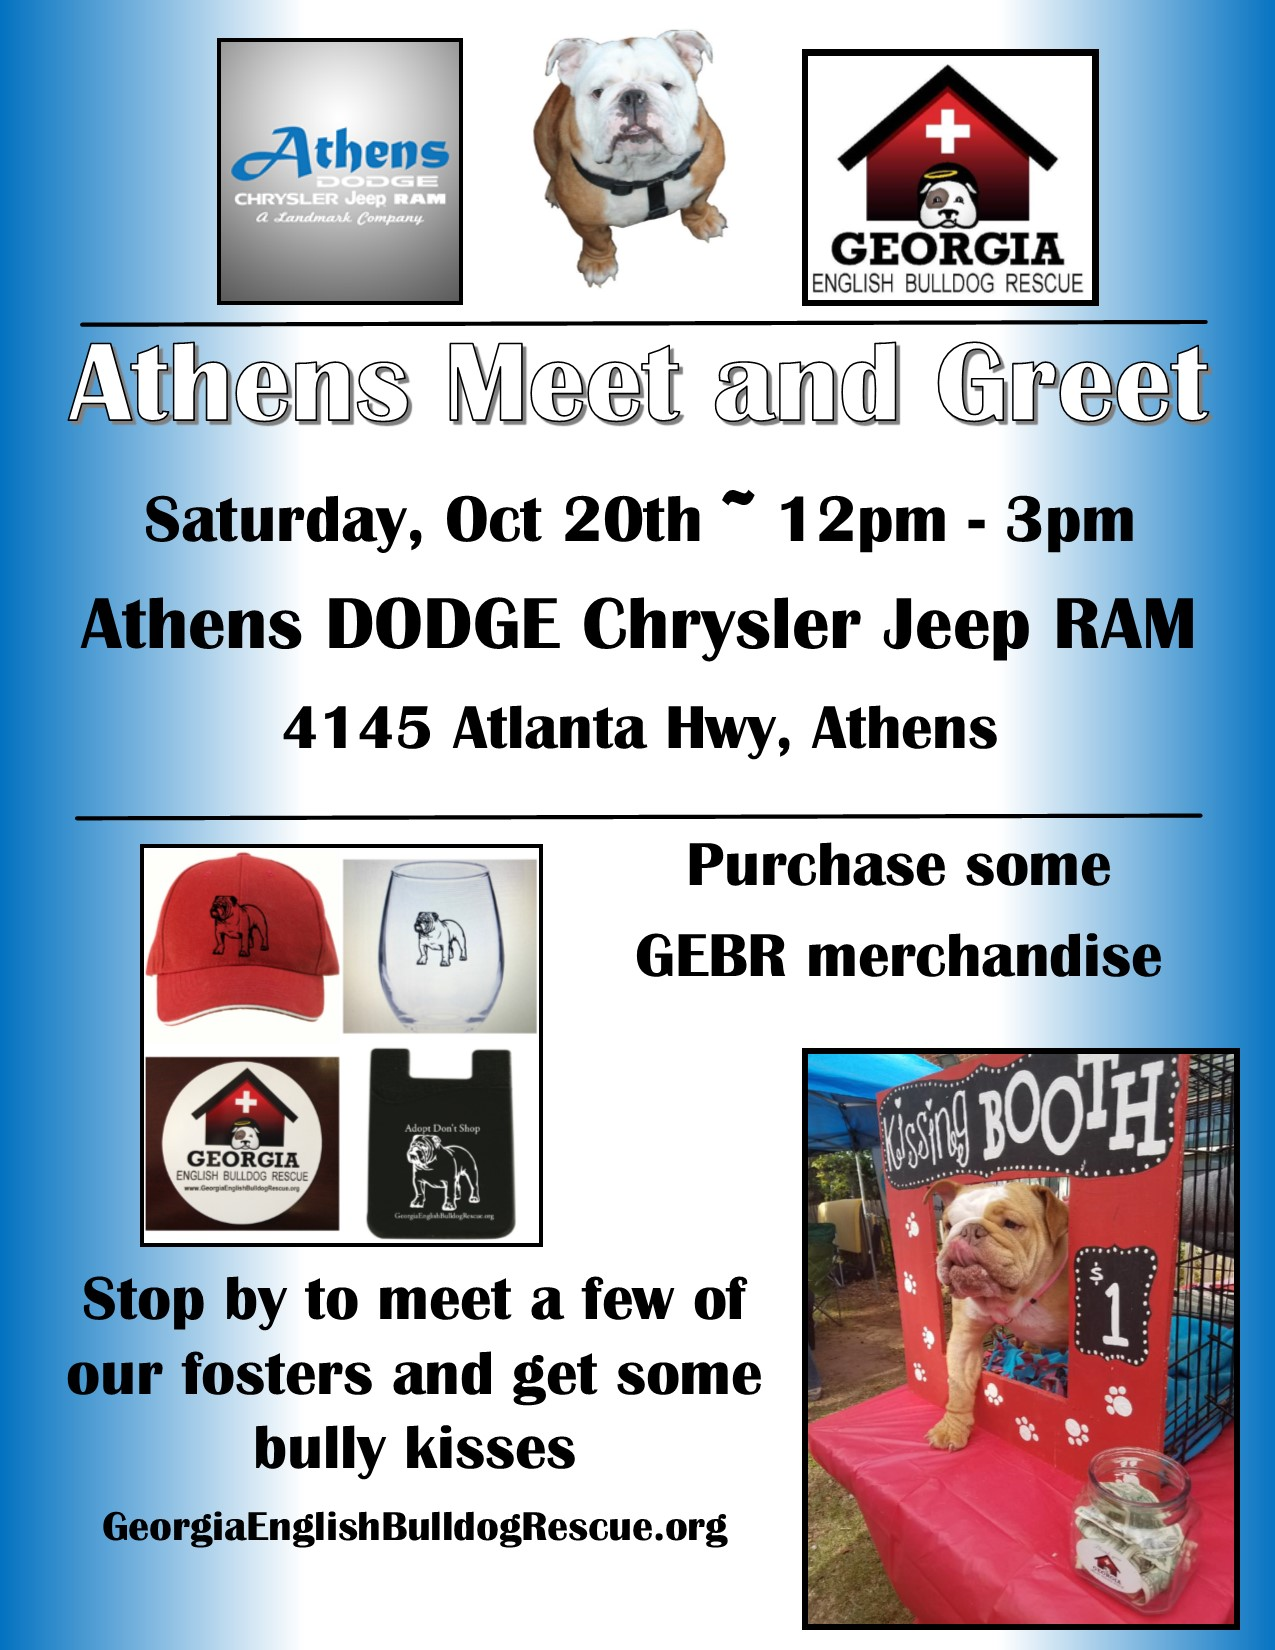 Athens Meet And Greet Georgia English Bulldog Rescue